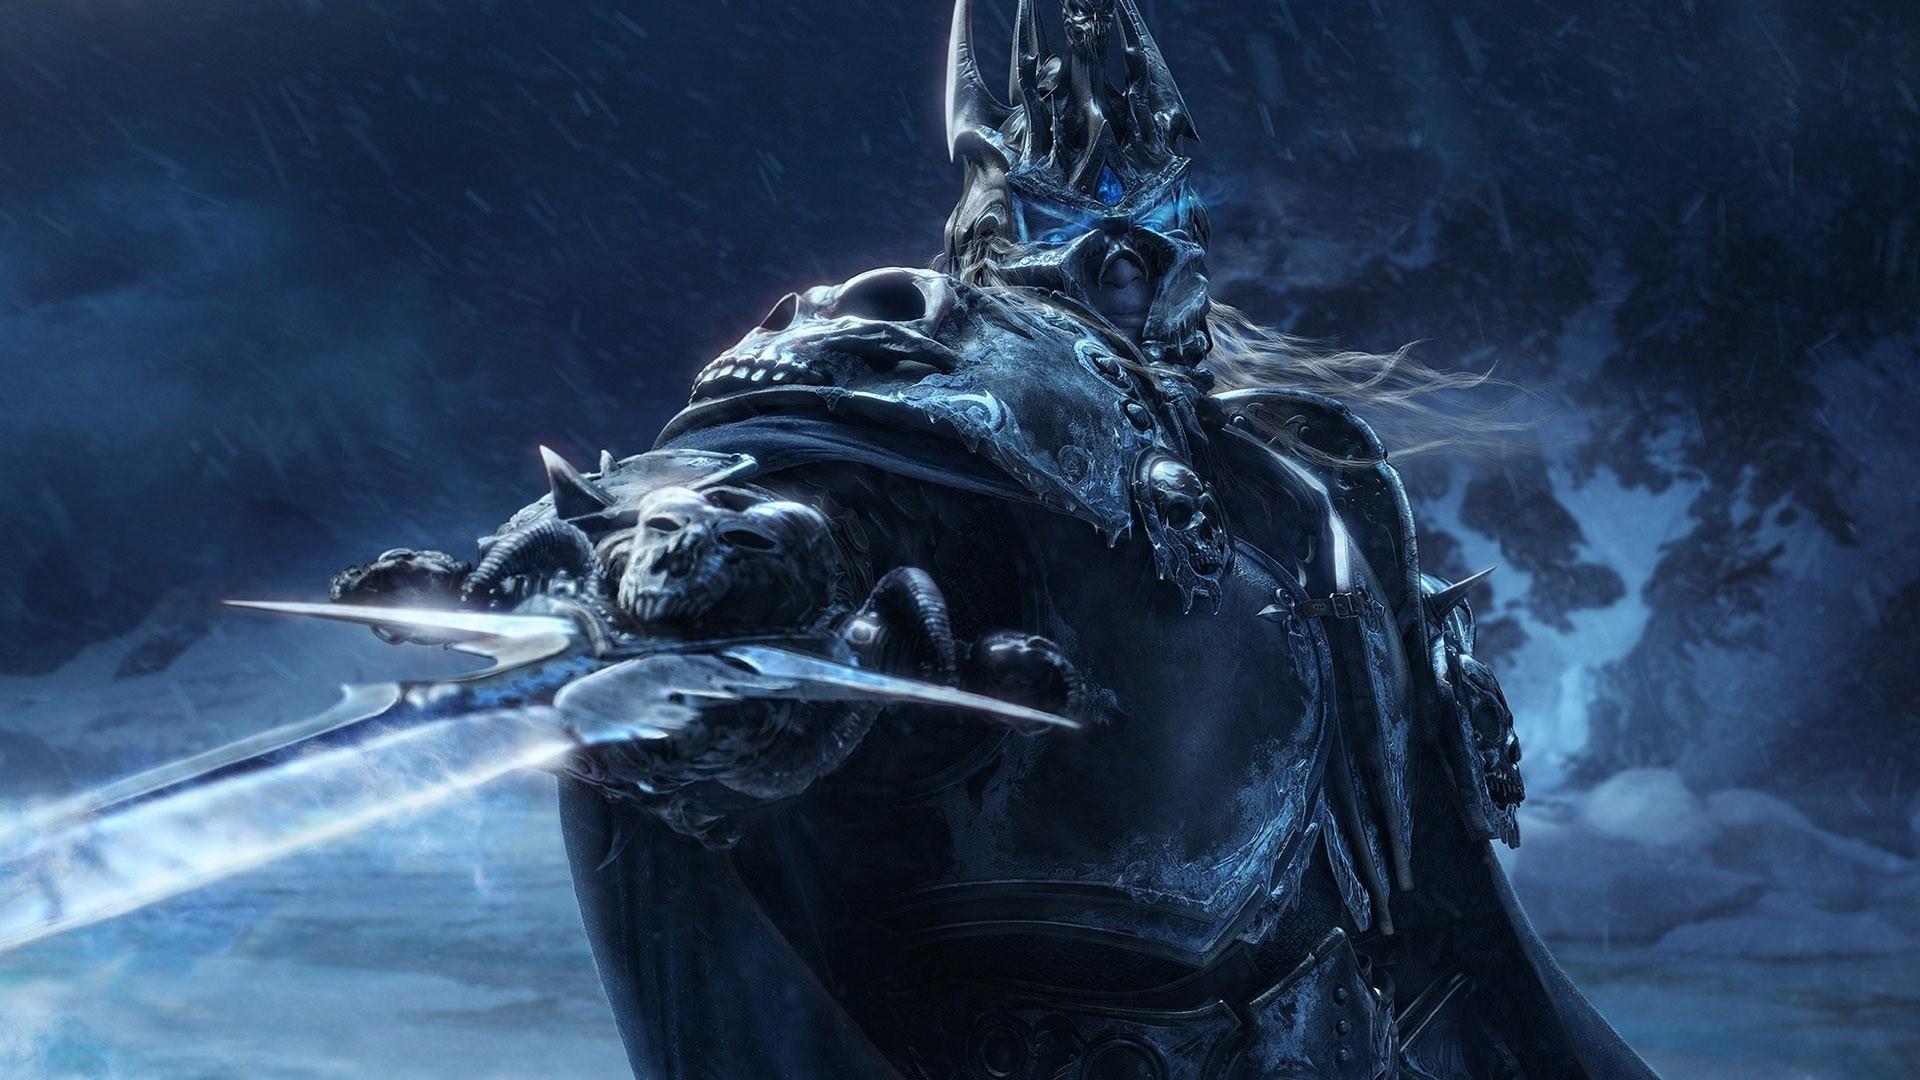 游戏壁纸,魔兽世界,巫妖王,阿尔萨斯